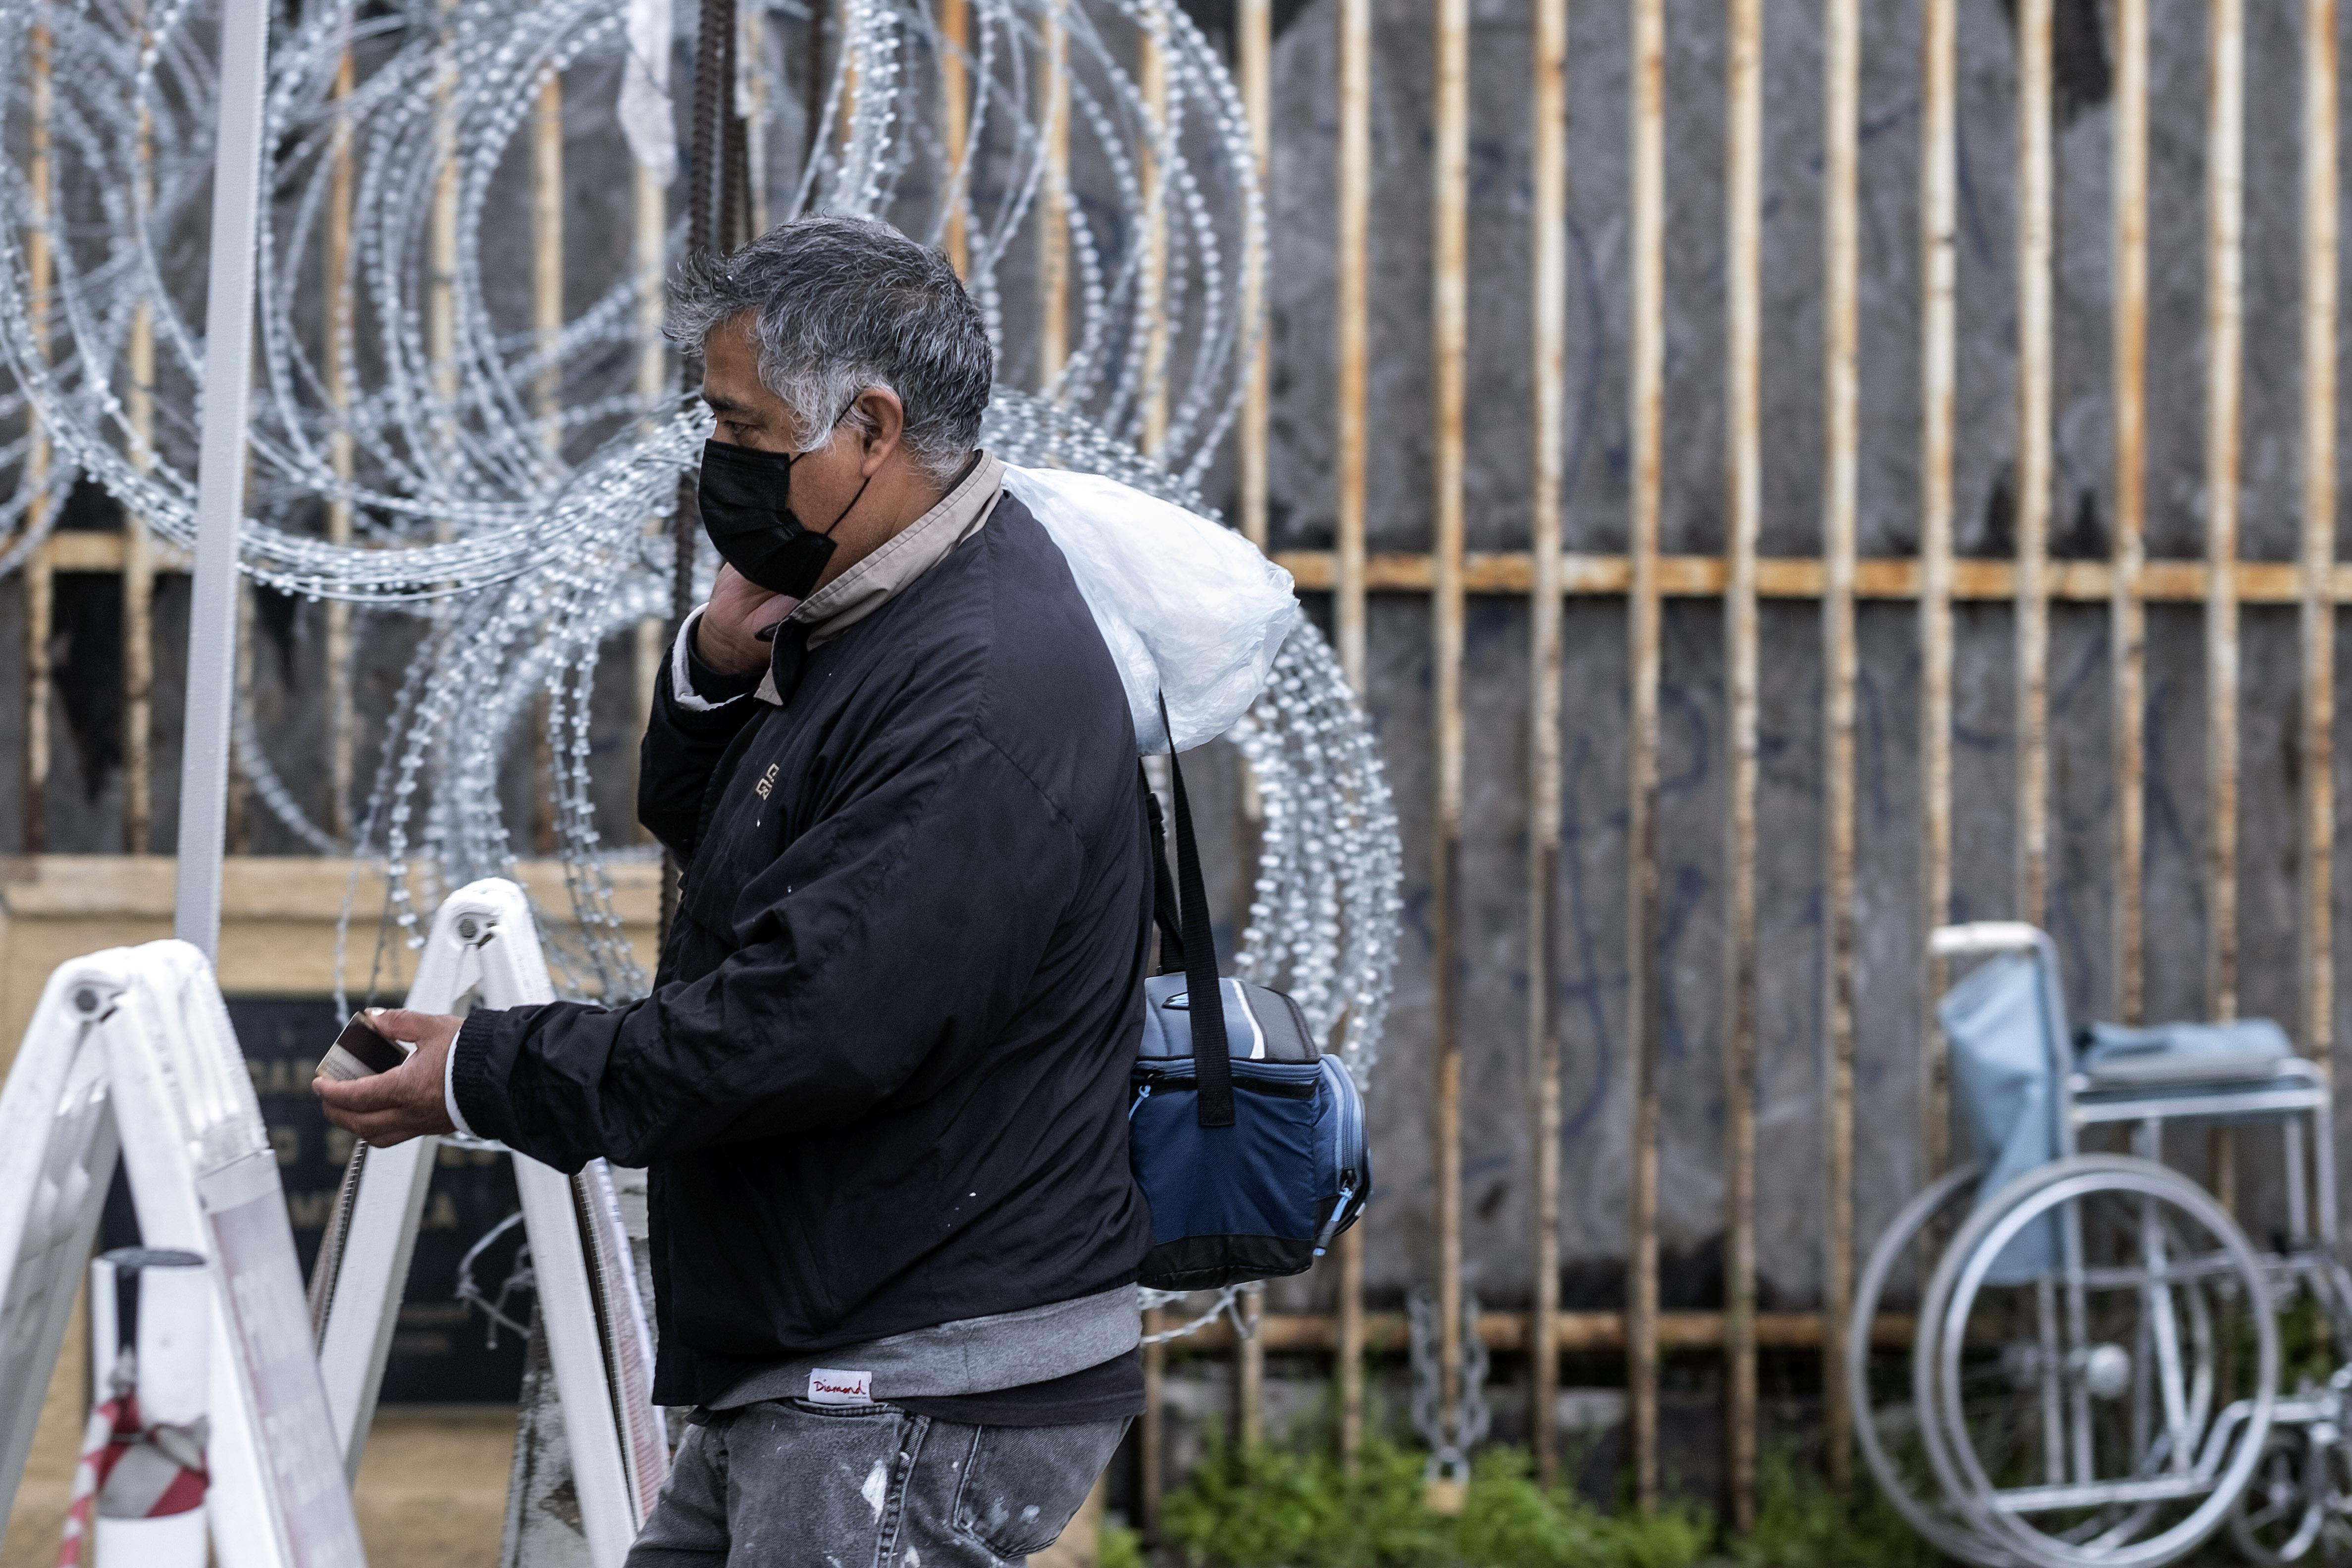 Un hombre con una máscara protectora muestra su documento a los agentes de Aduanas y Protección Fronteriza en el puerto de entrada de San Ysidro en la frontera entre Estados Unidos y México en Tijuana, estado de Baja California, México, el 19 de marzo de 2020.